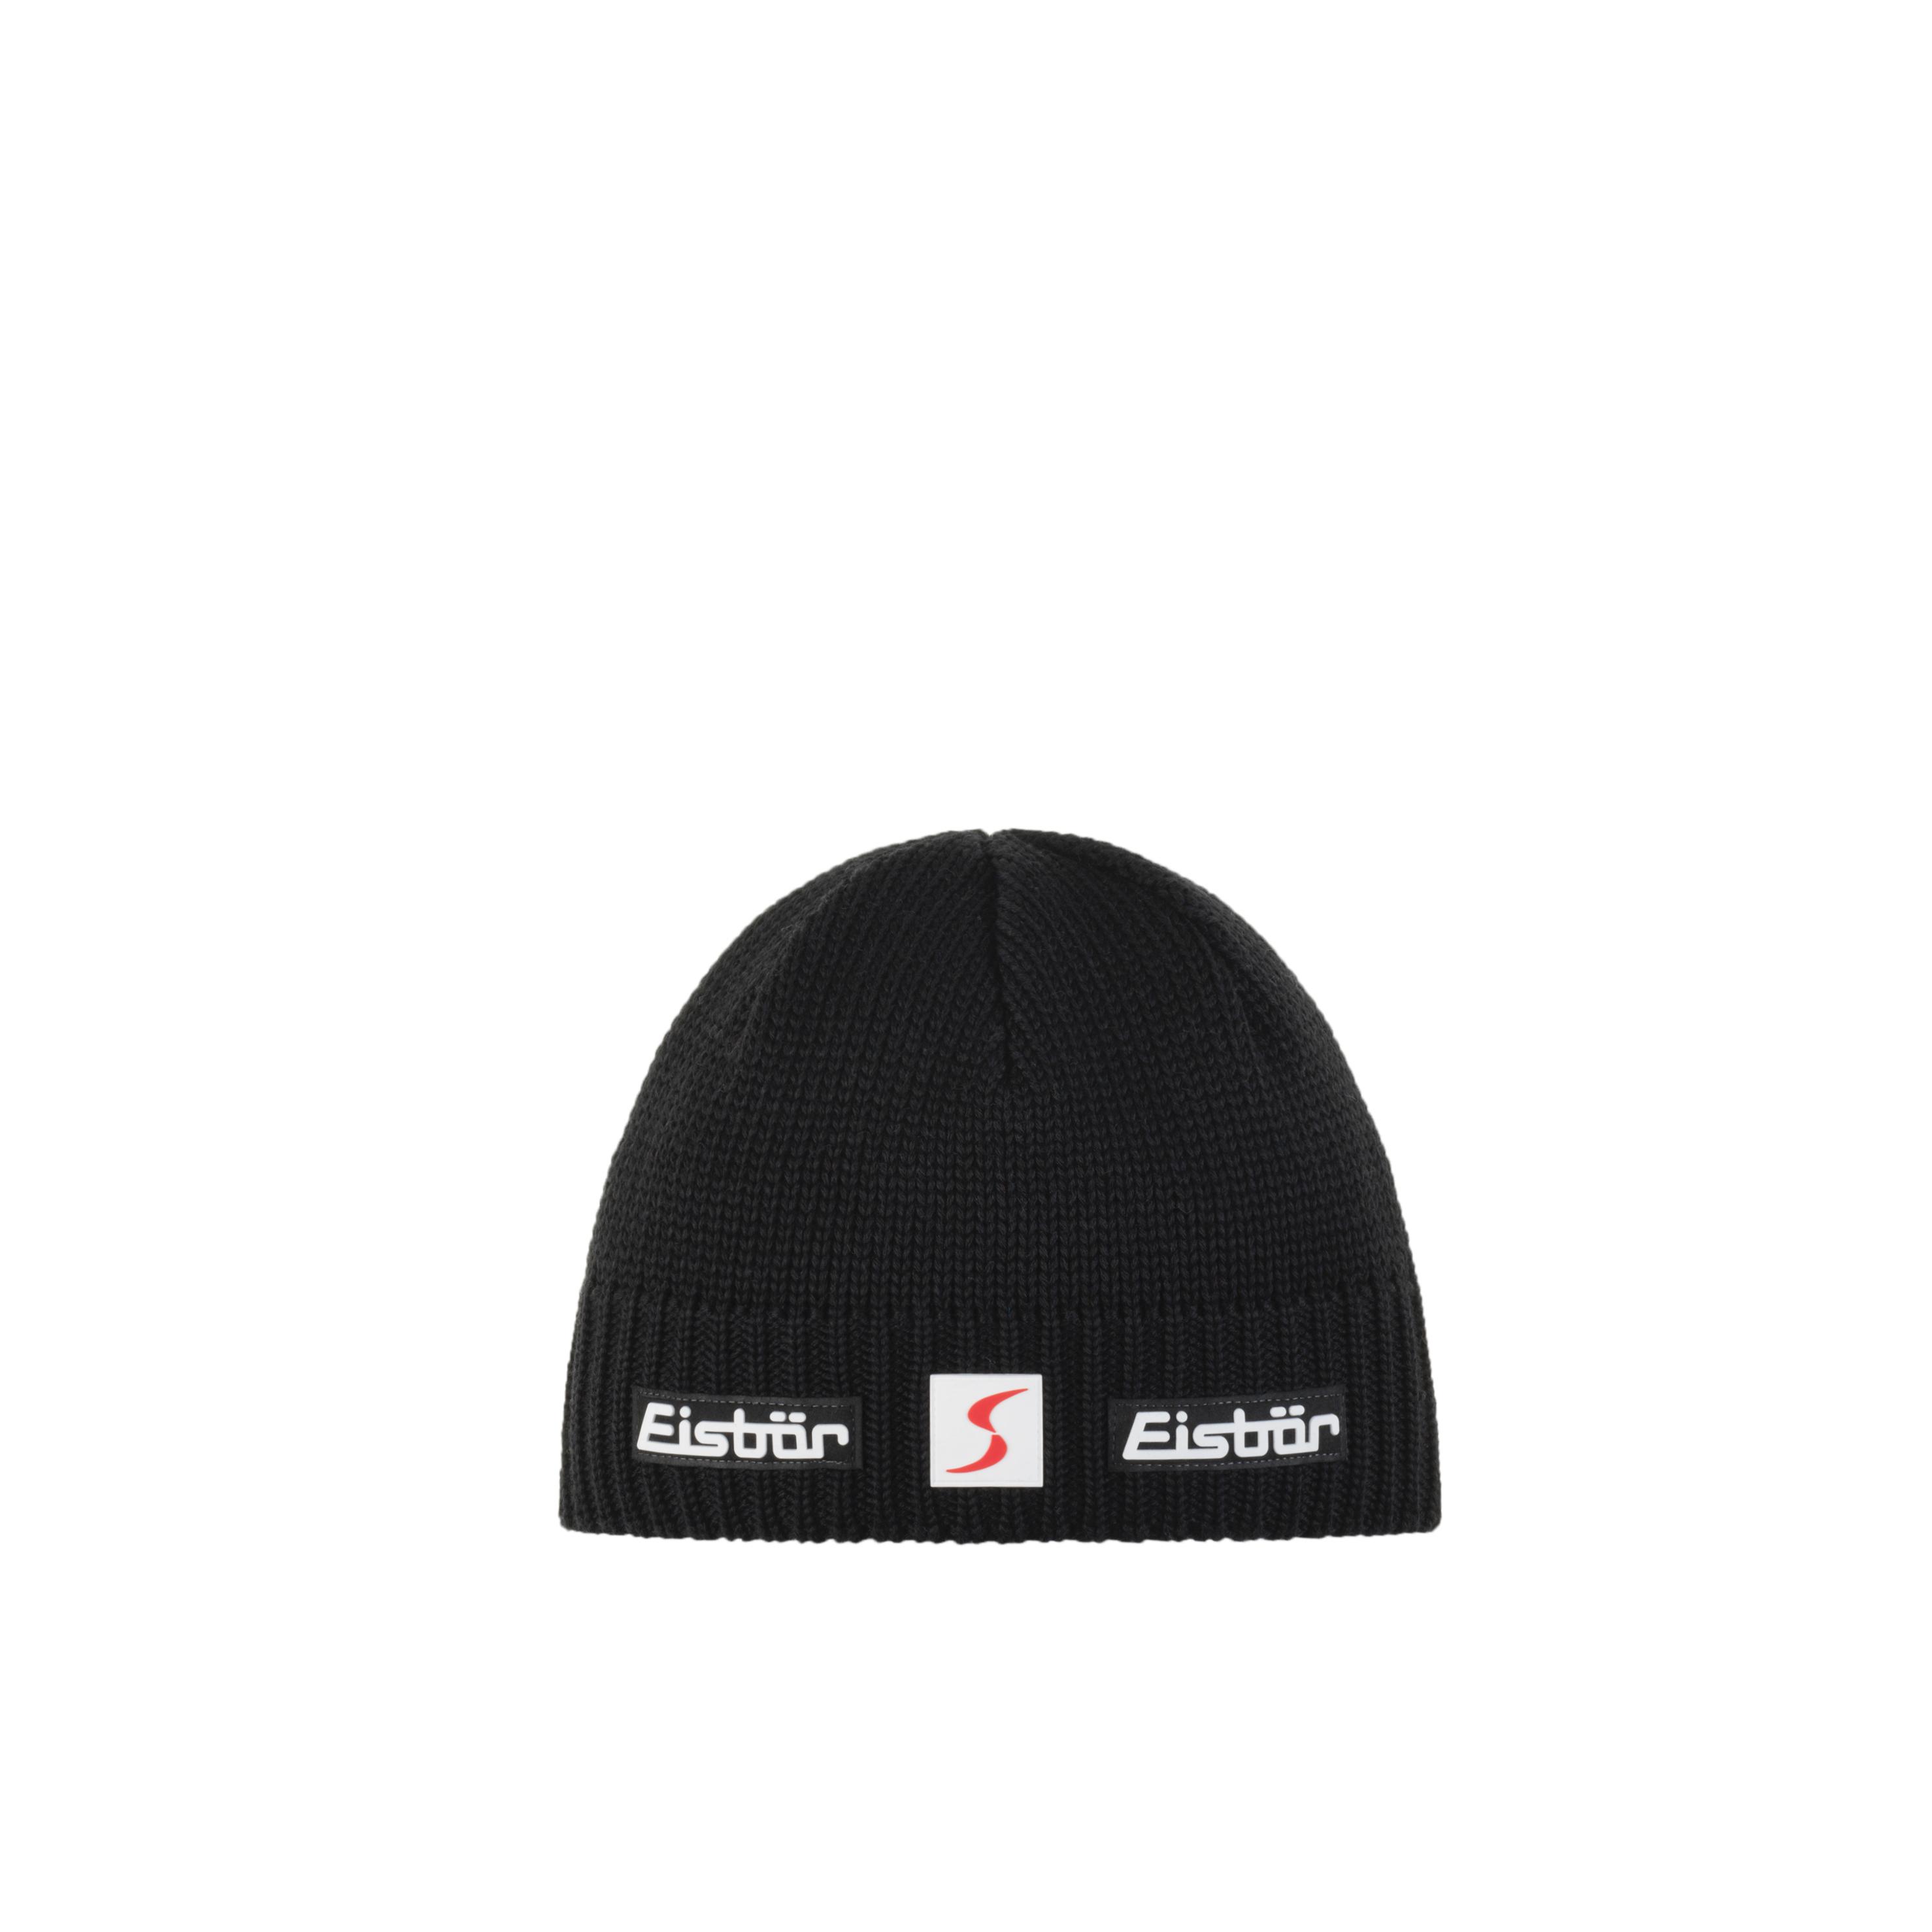 Eisbär Trop Mütze SP - schwarz